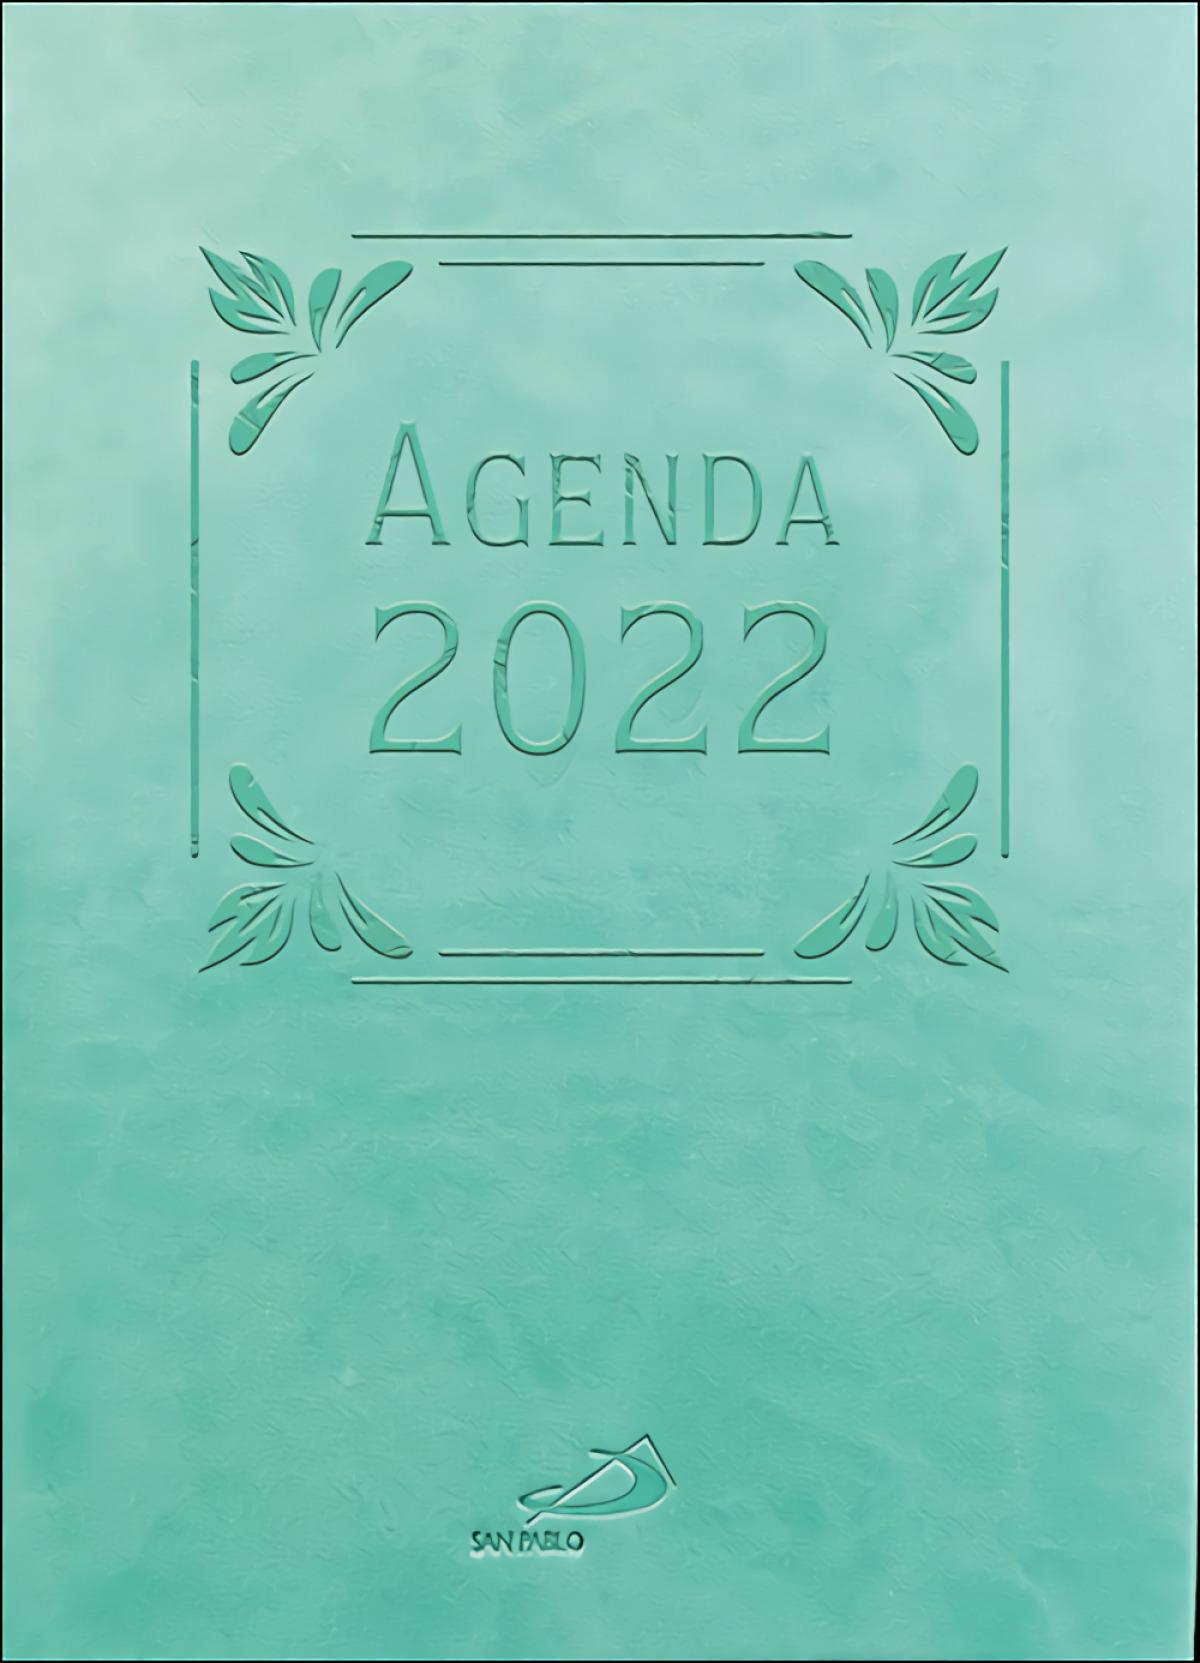 Agenda 2022 9788428560207